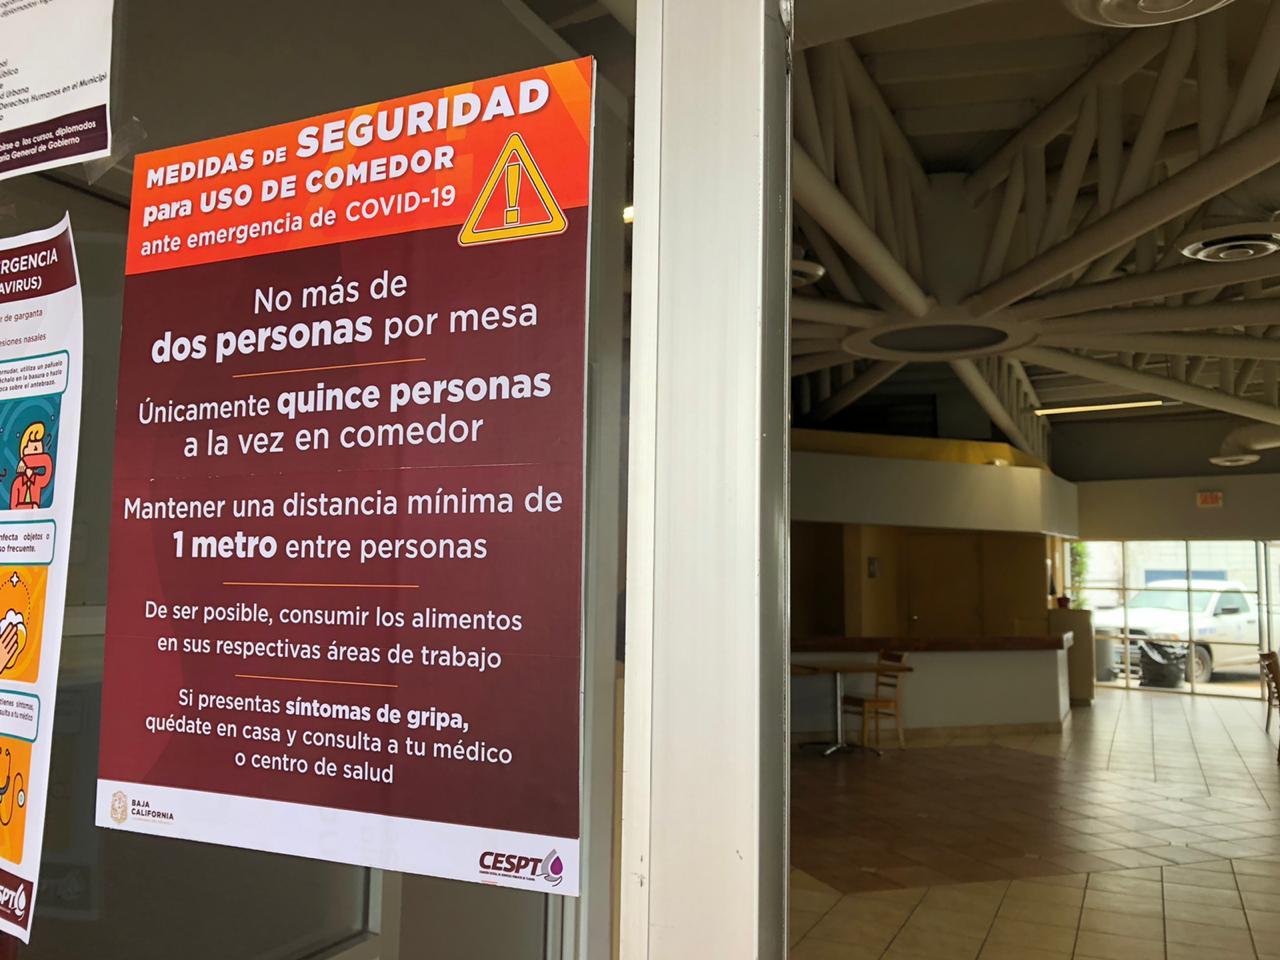 Adopta CESPT medidas de prevención e higiene en centros de atención a usuarios ante contingencia